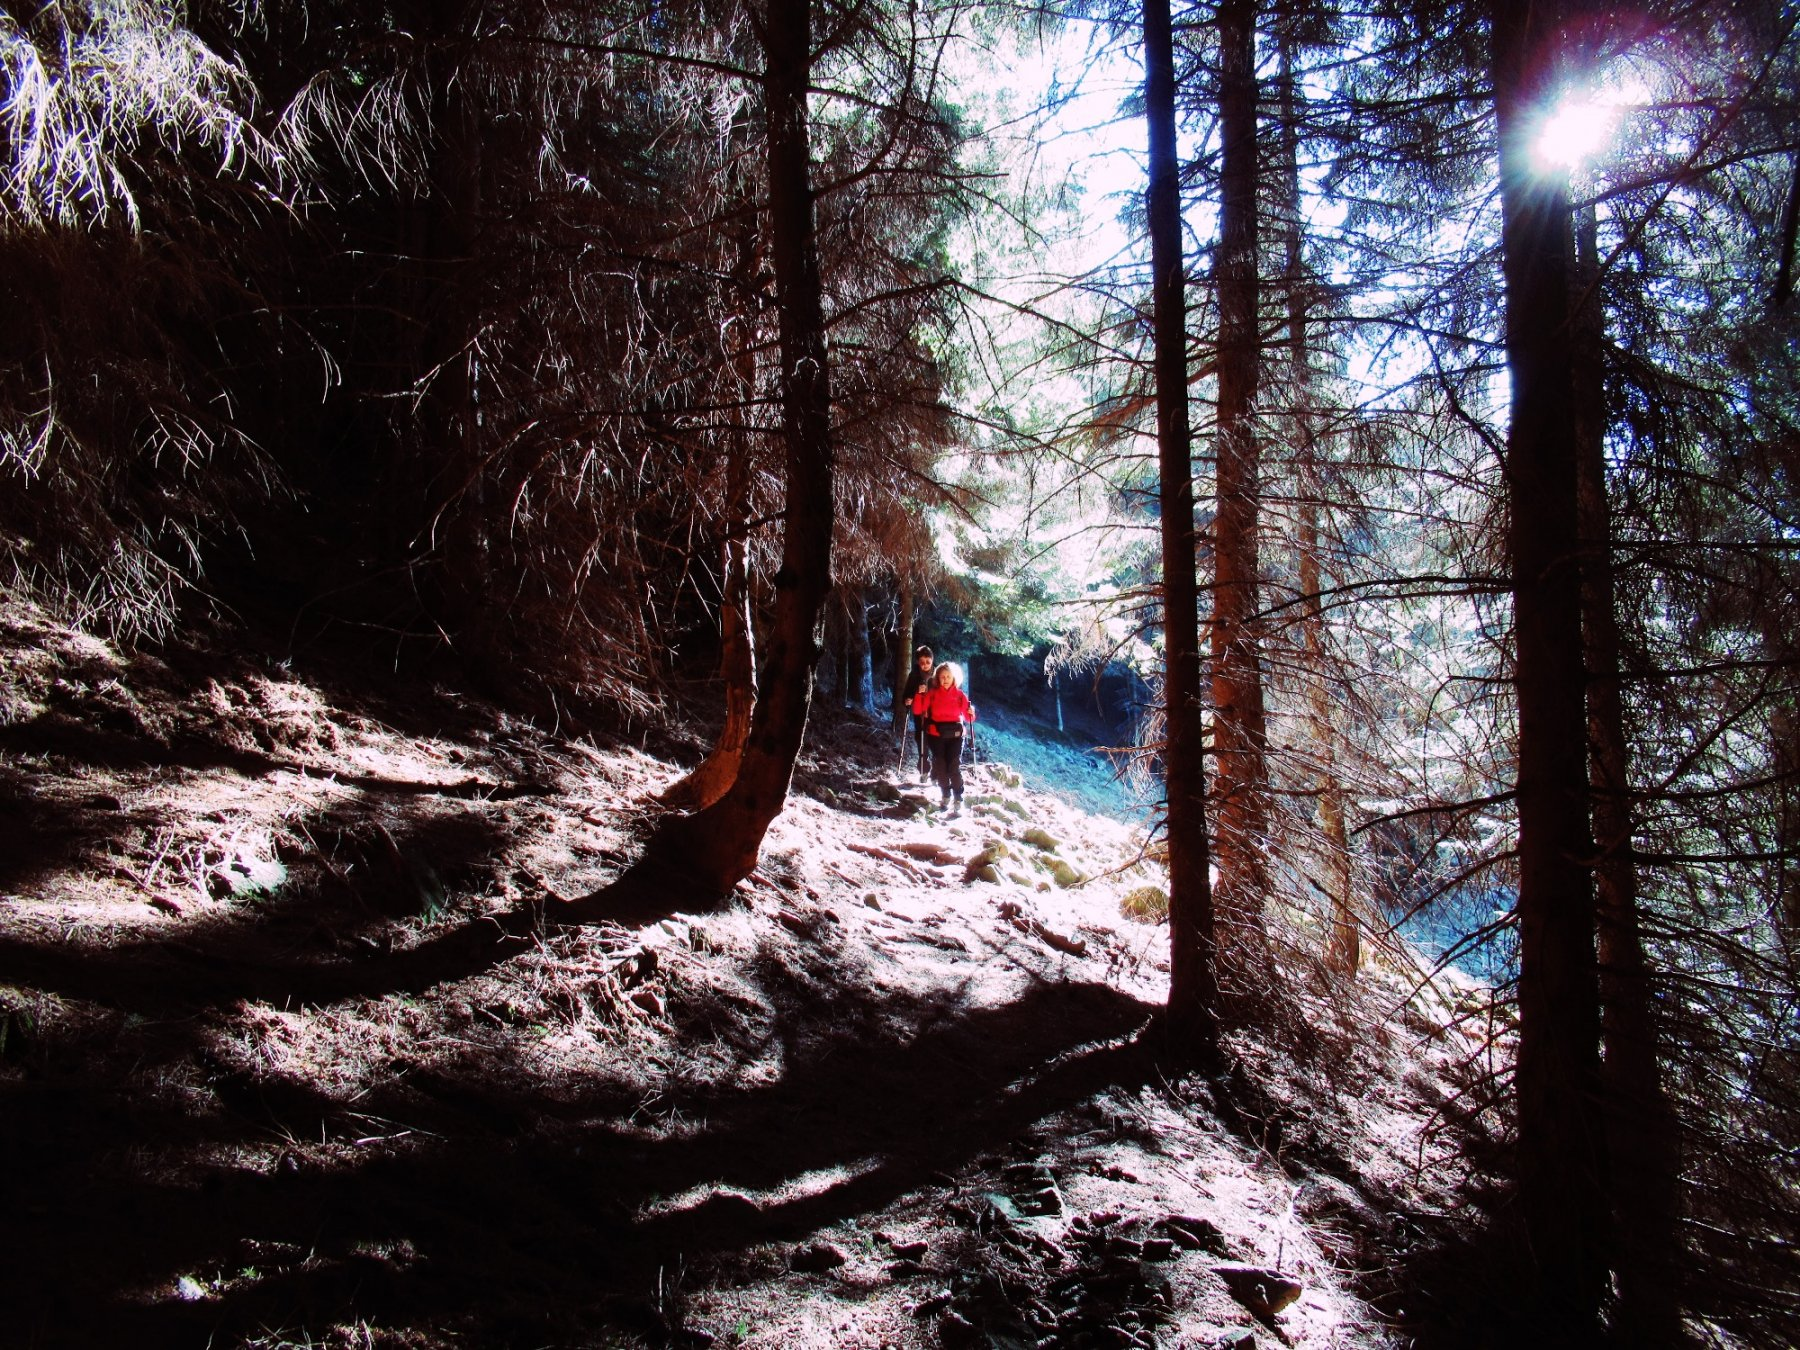 gioco di luci nel bosco